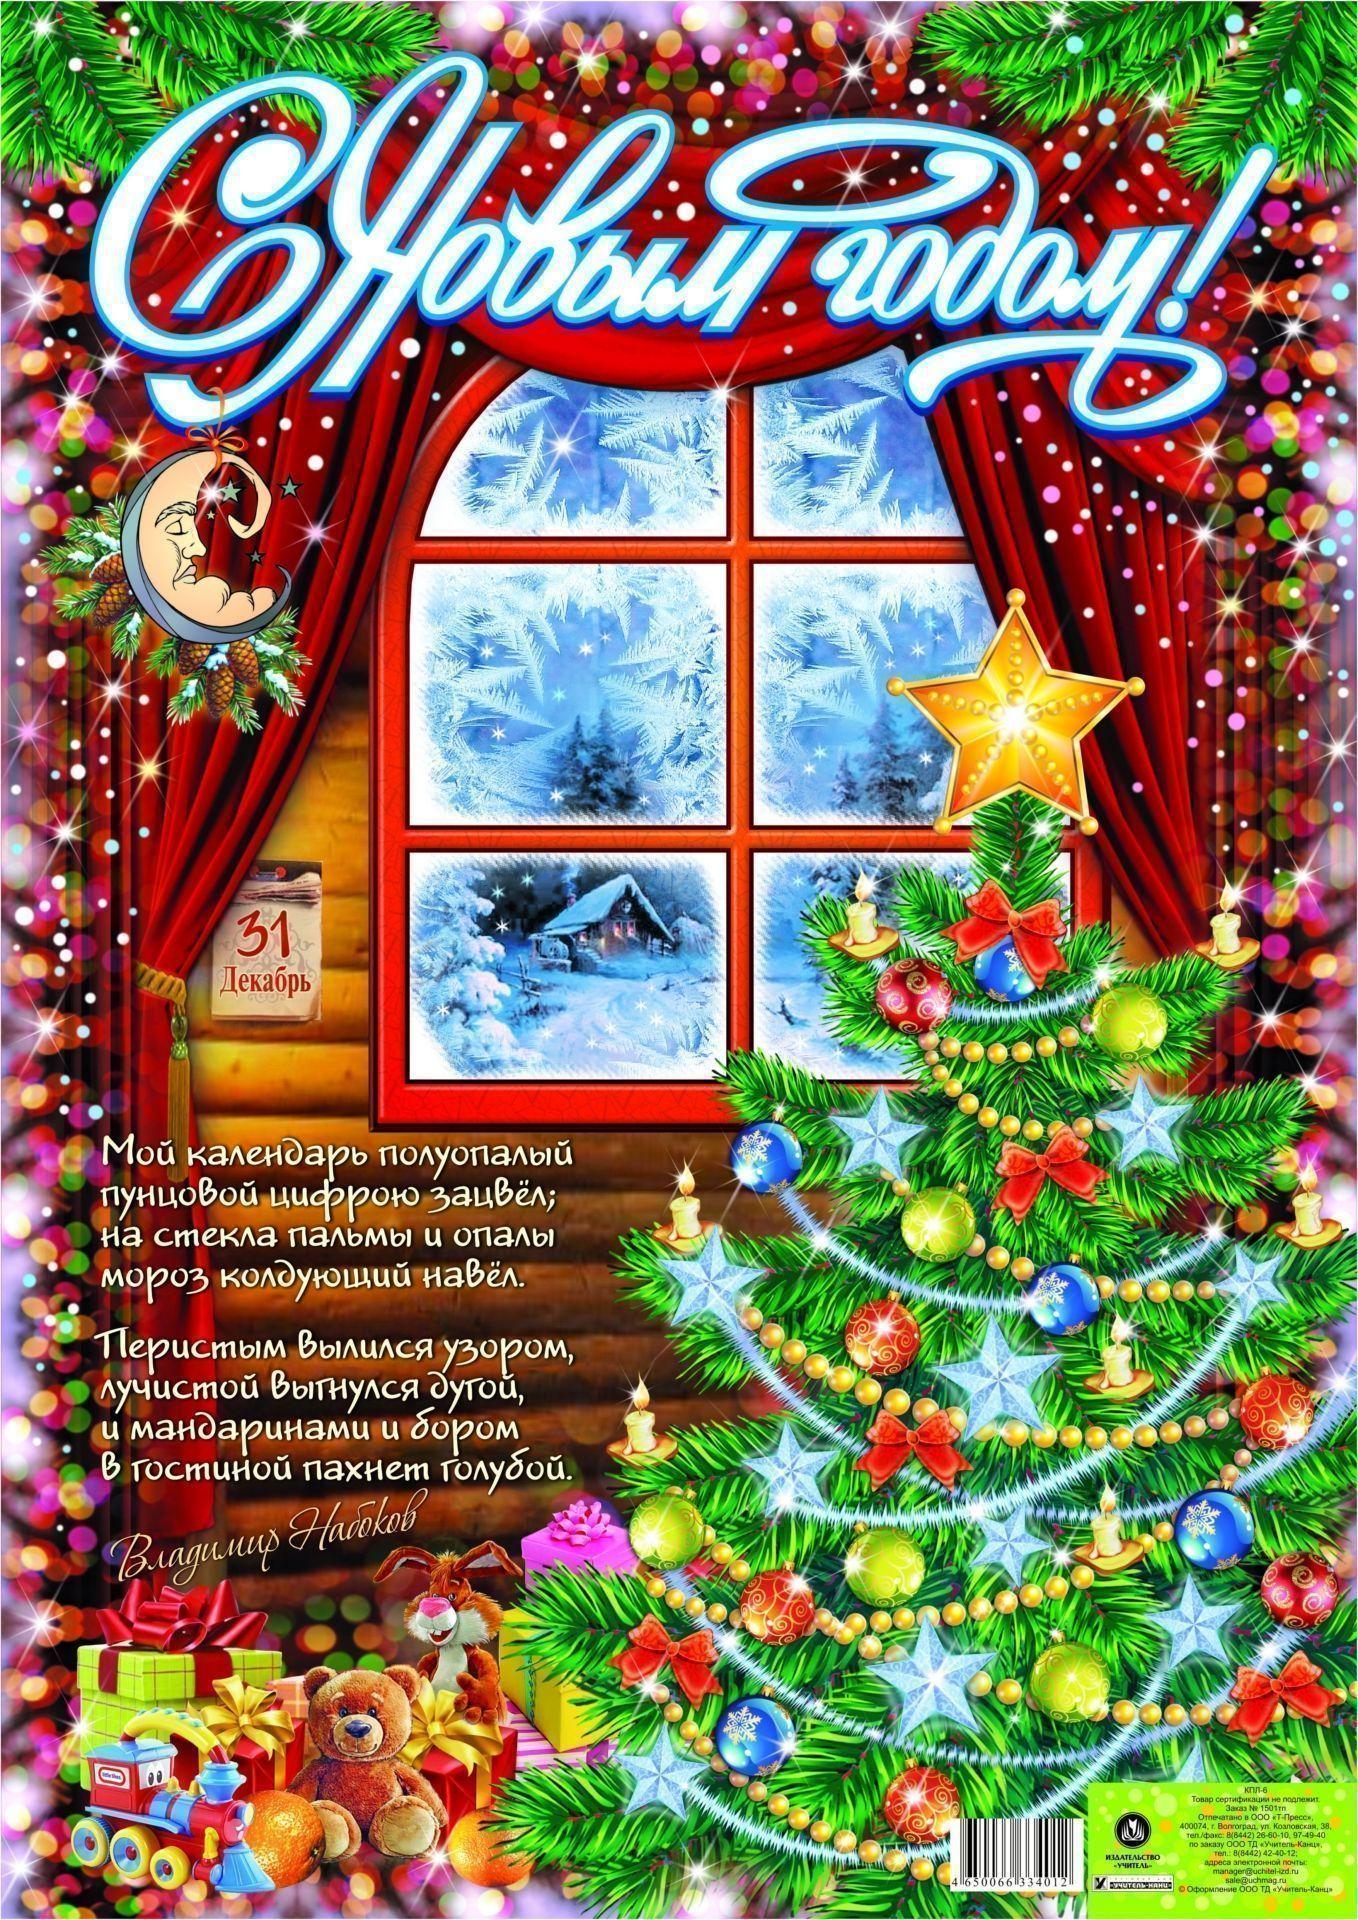 С Новым годом! (плакат) (упаковка 10 шт.)Плакаты, постеры, карты<br>.<br><br>Год: 2017<br>Высота: 293<br>Ширина: 416<br>Толщина: 1